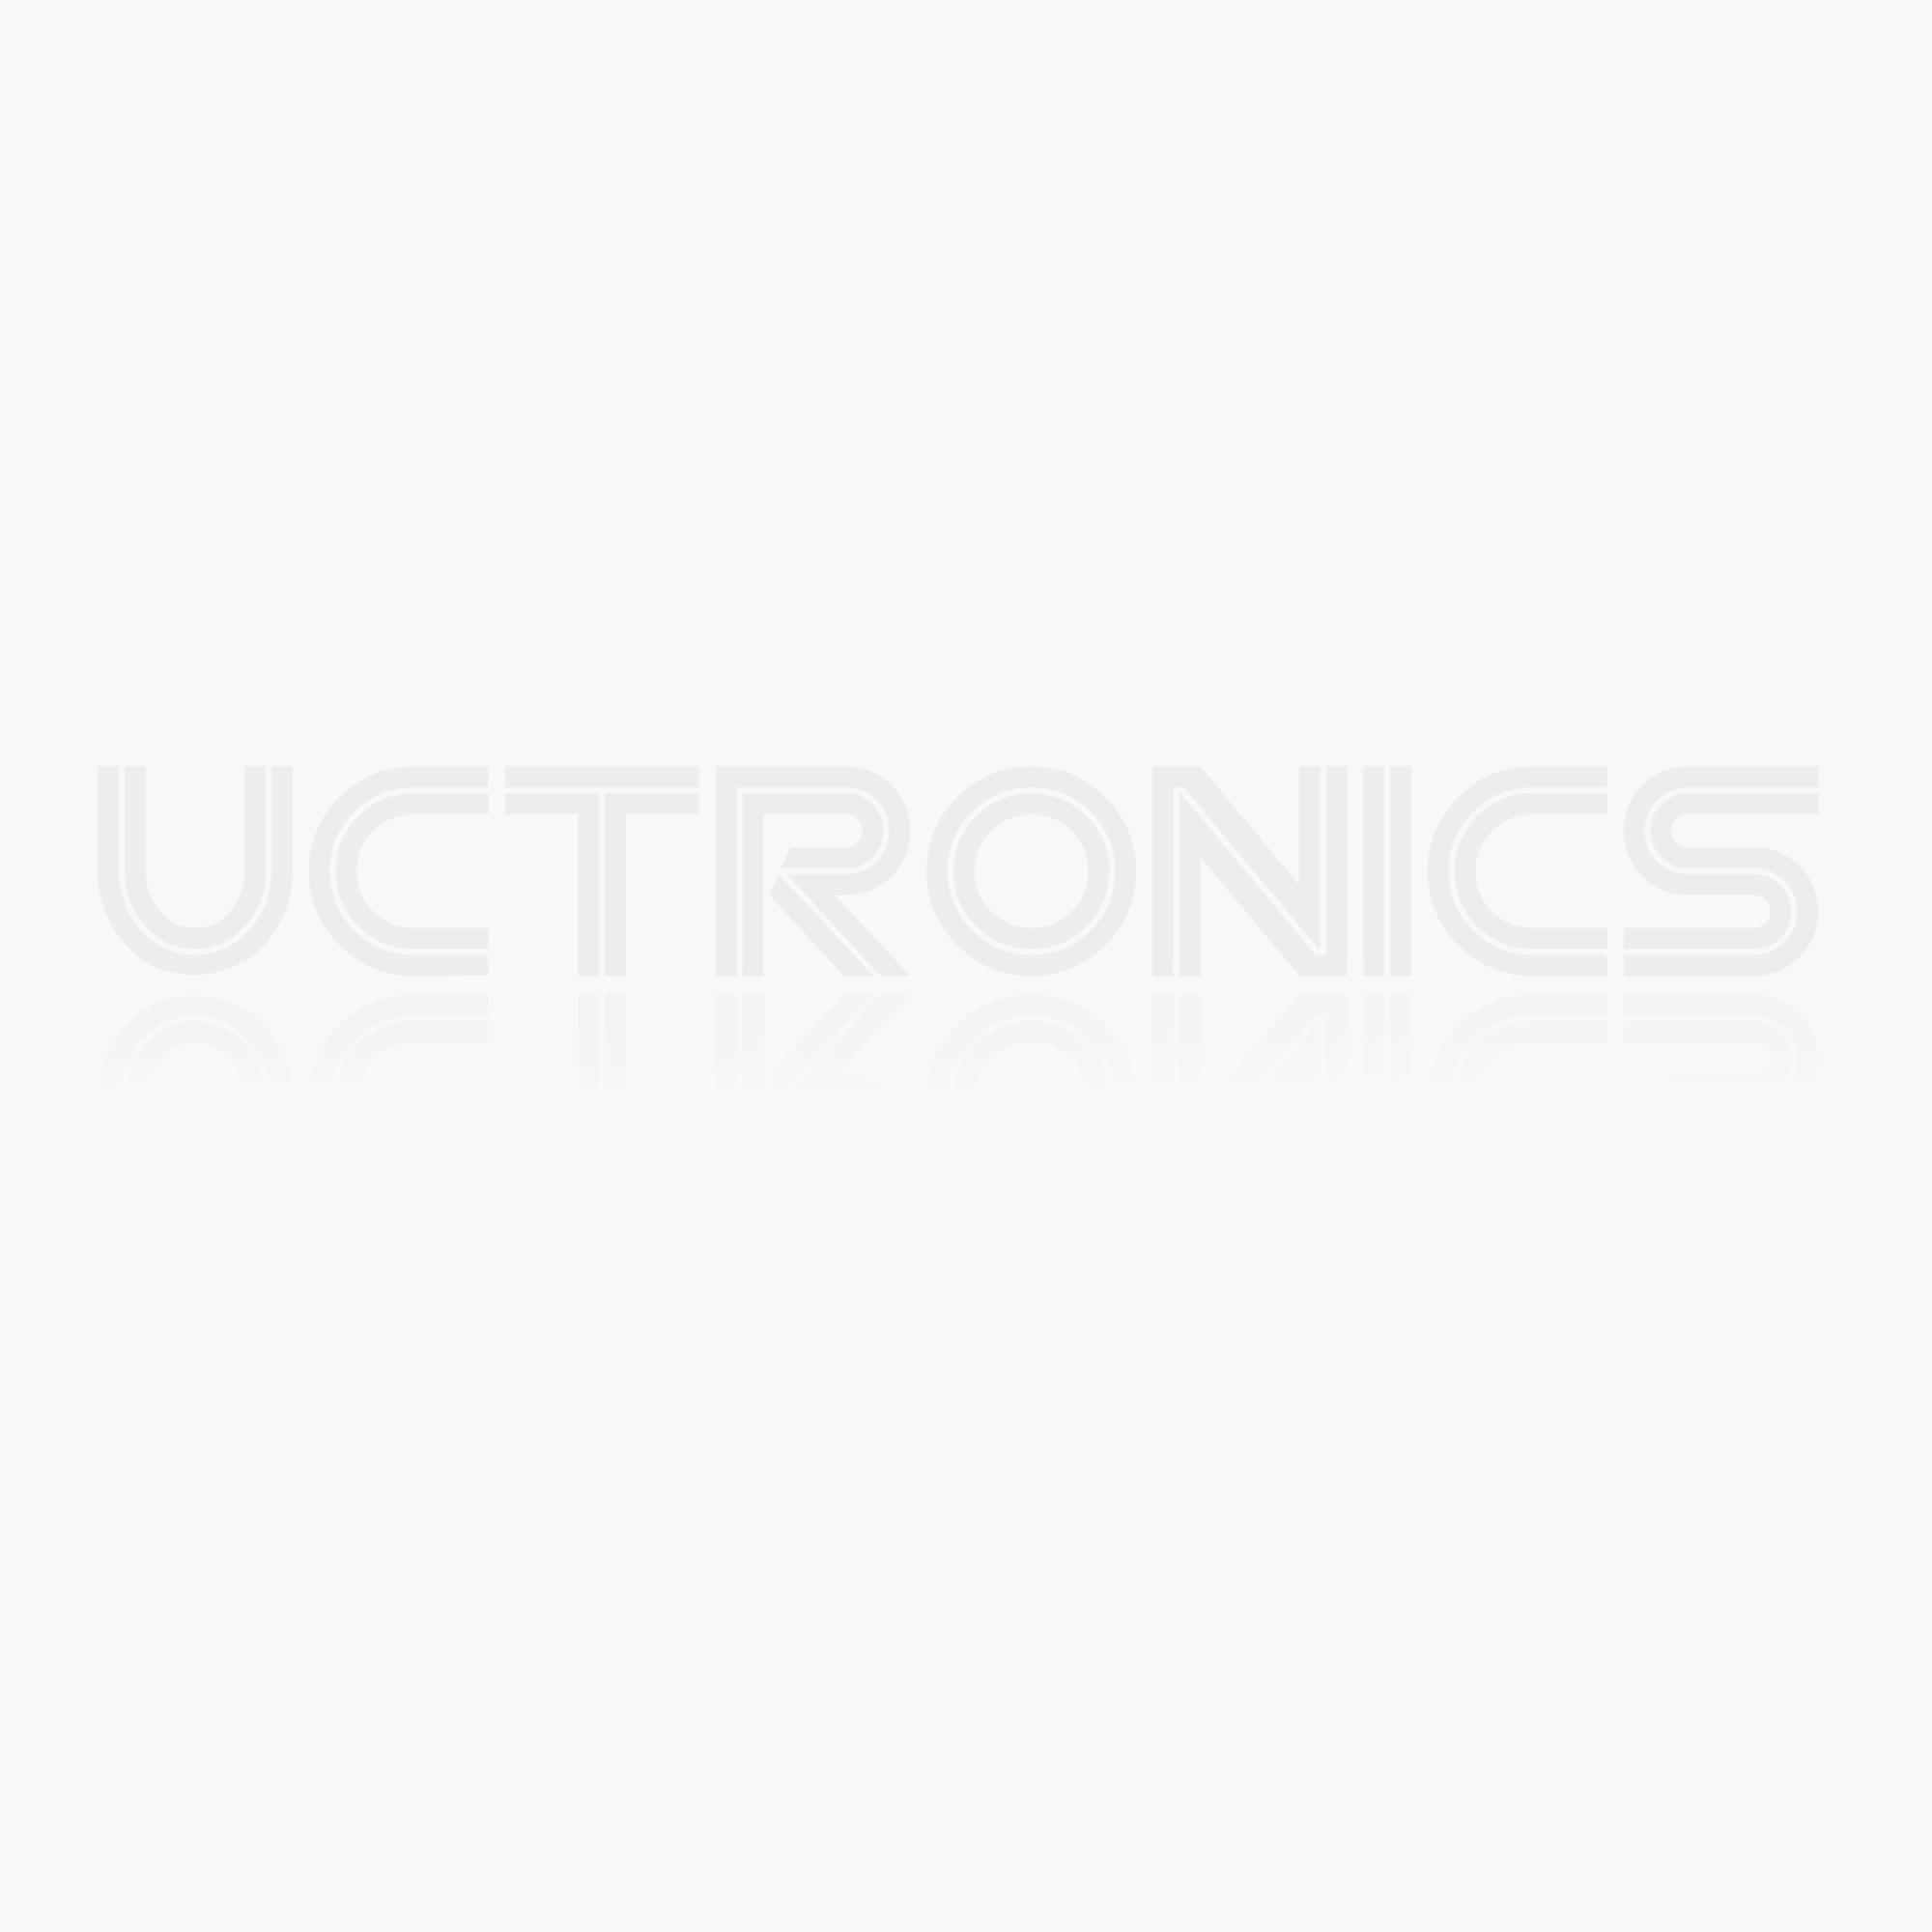 Arducam Parallel Camera Adapter Board for USB3 Camera Shield